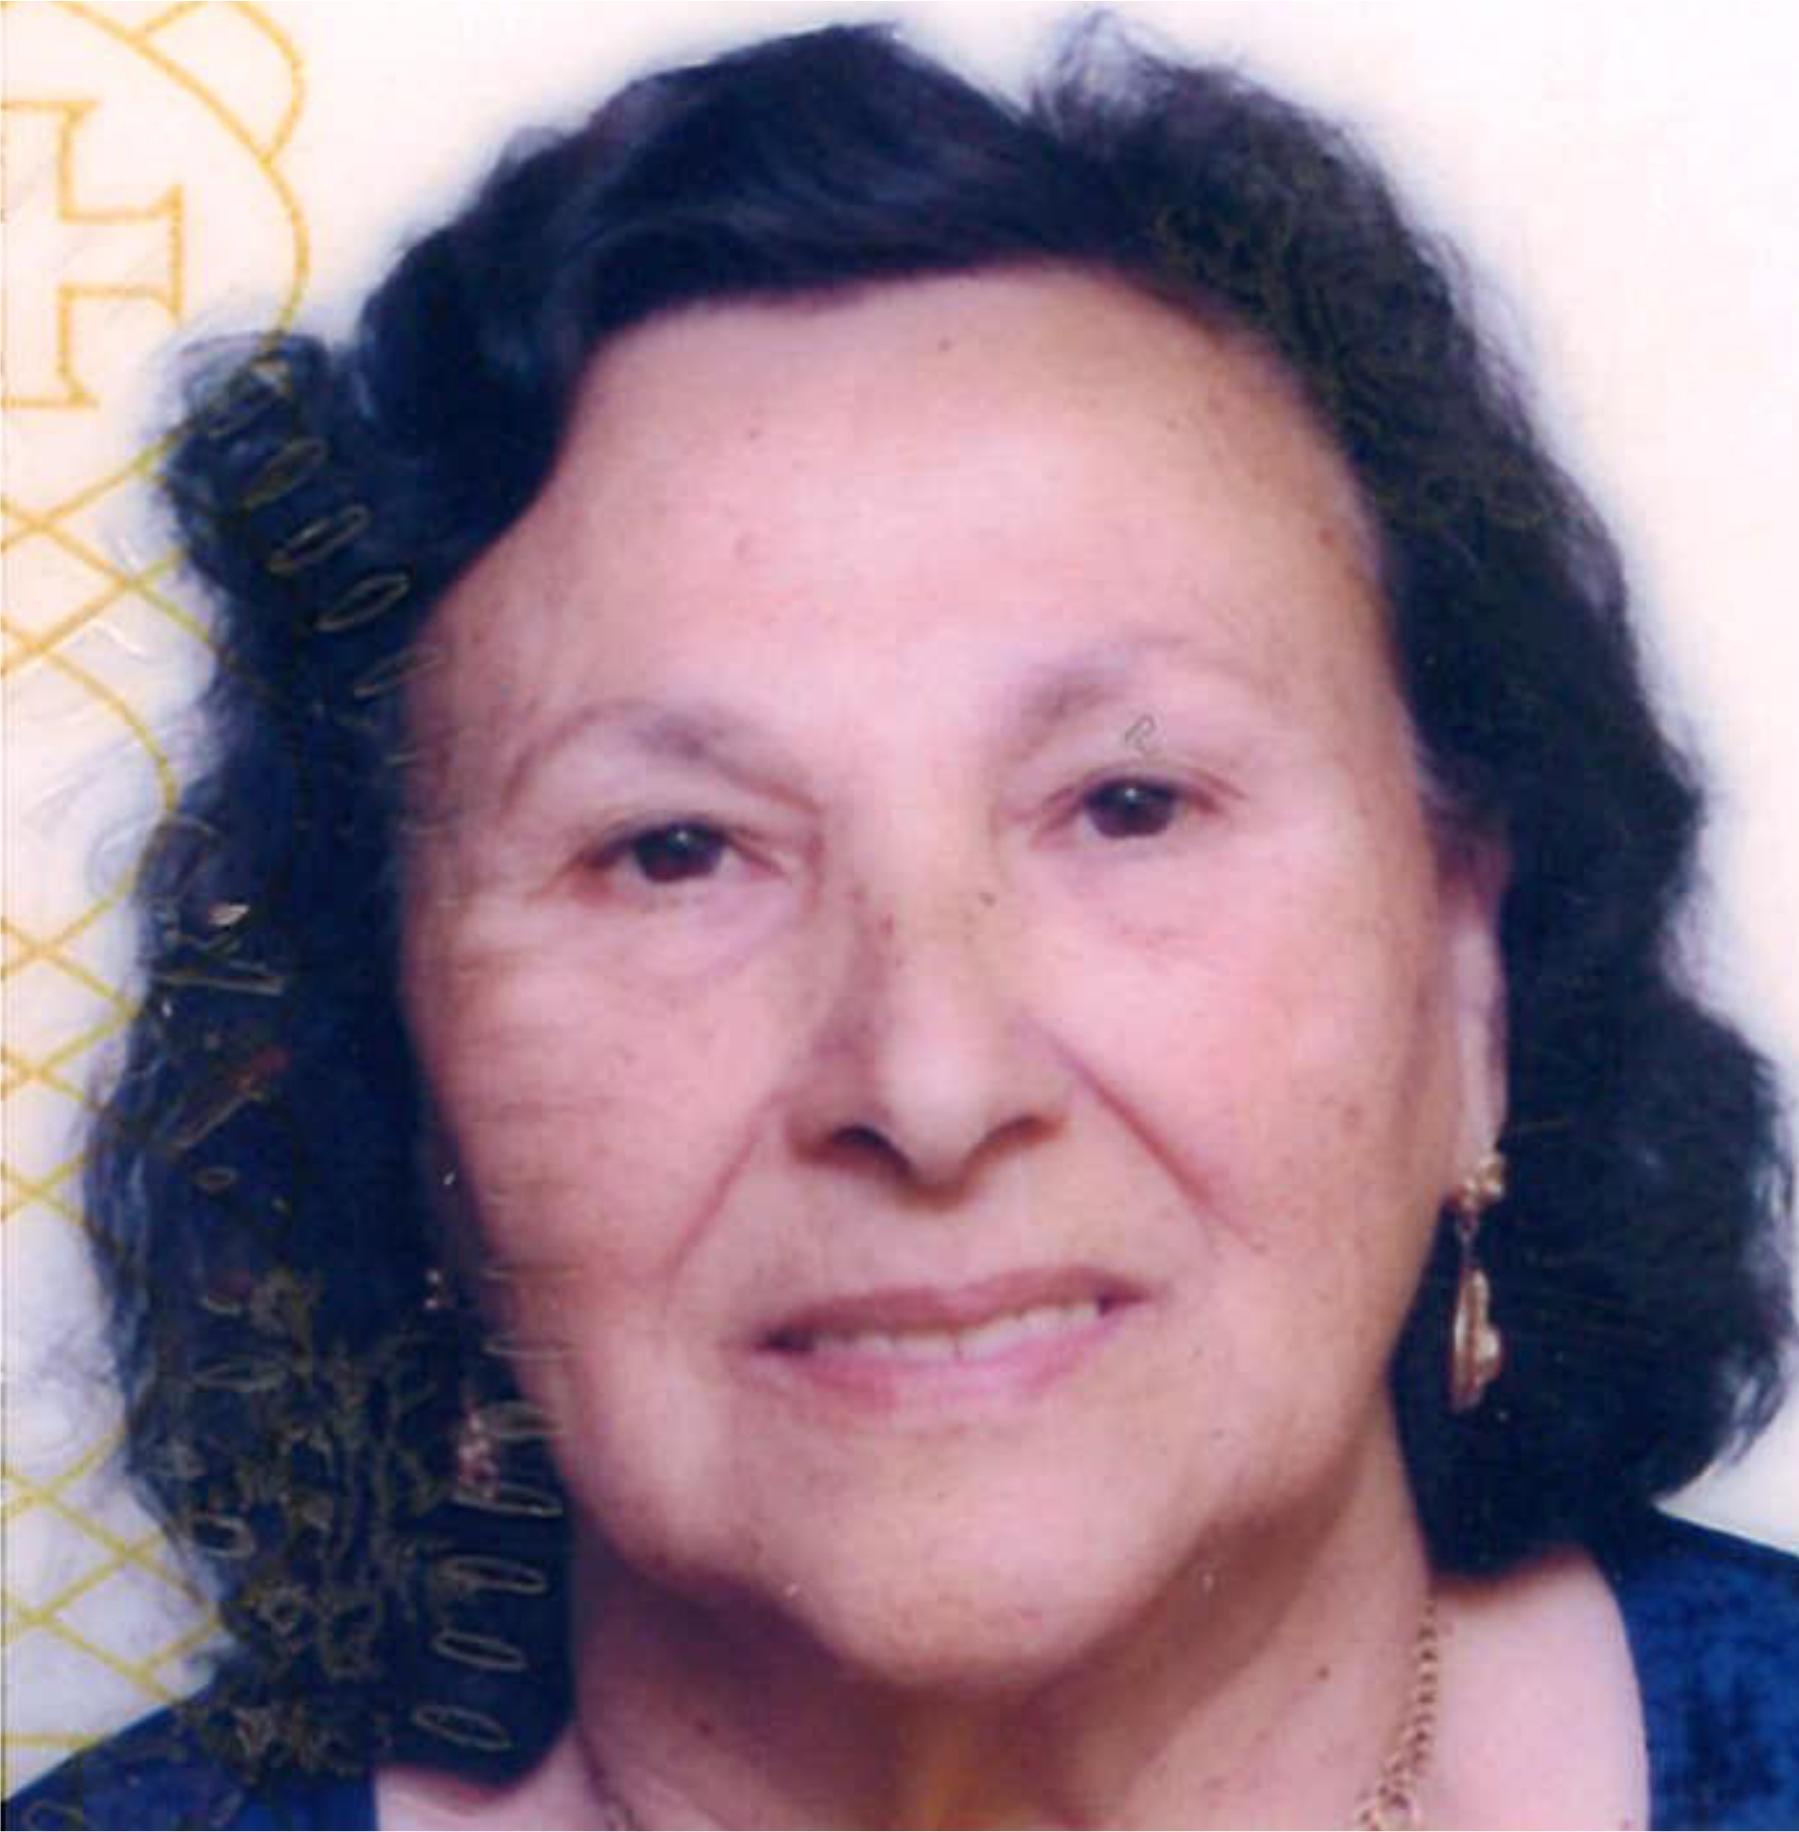 15-09-20 - Maria Isabel Rocha de Magalhães Correira - Ranha de Baixo